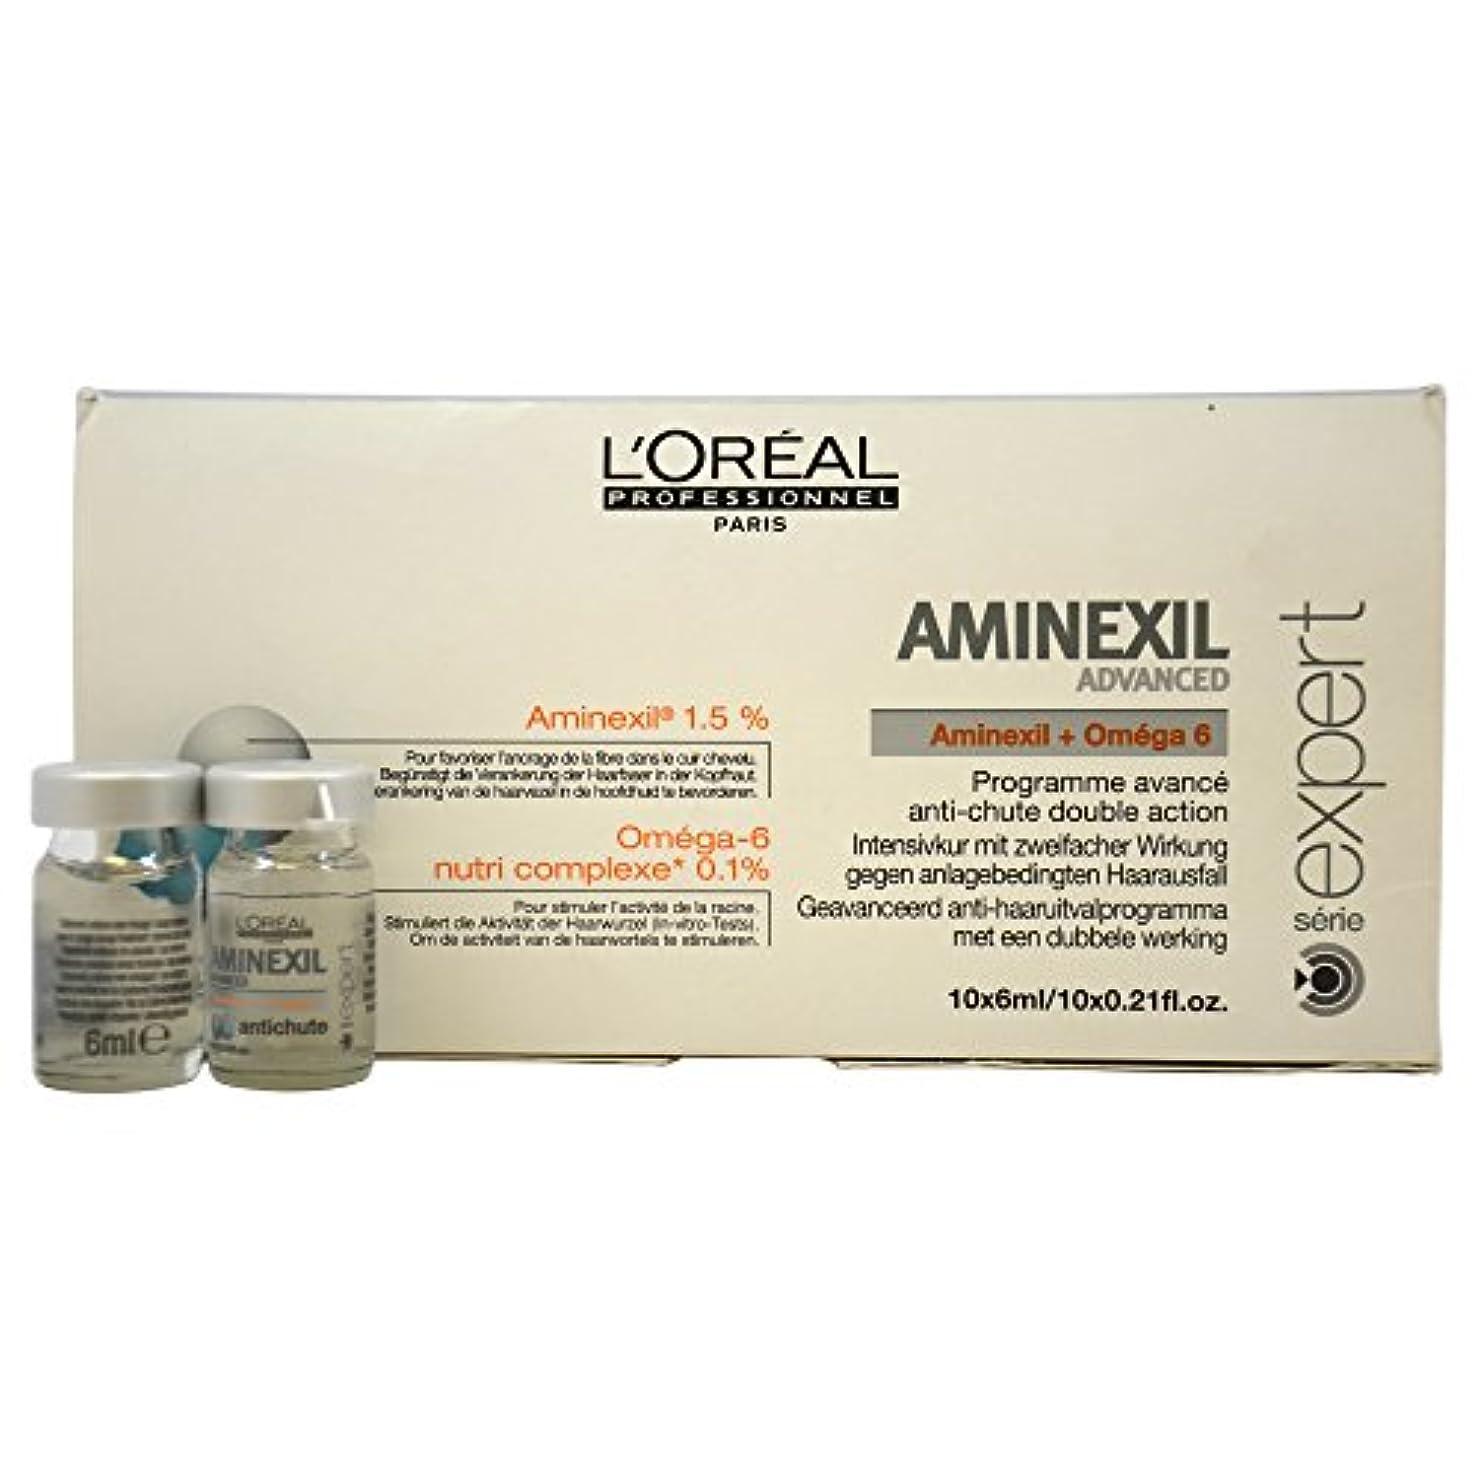 対立版モーテルロレアル エキスパート ア三ネクシル コントロール 10個 L'Oreal Expert Aminexil Control 10 Units Advanced [並行輸入品]